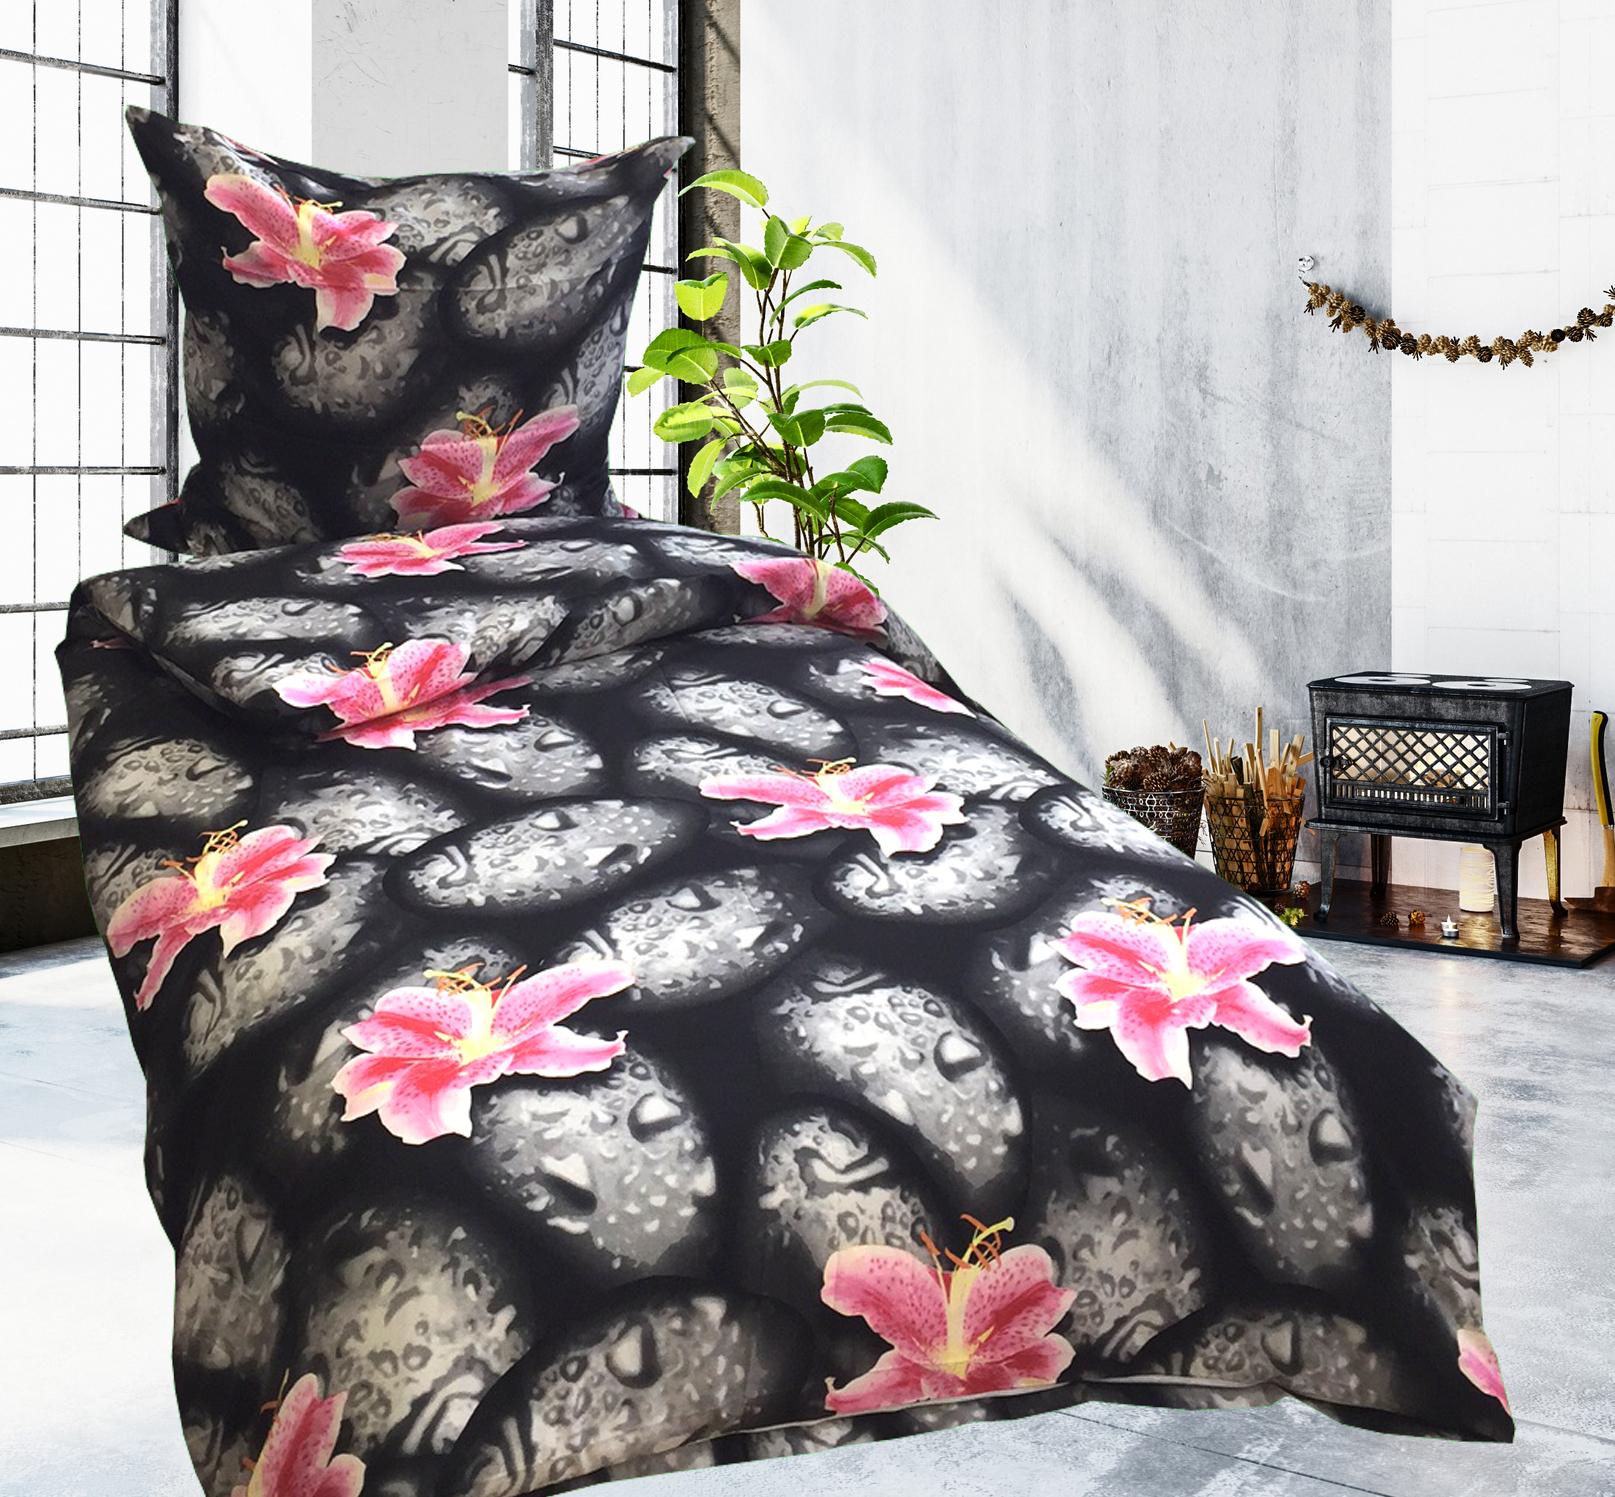 4 tlg bettw sche microfaser 135x200 cm blumen steine schwarz pink doppelpack. Black Bedroom Furniture Sets. Home Design Ideas